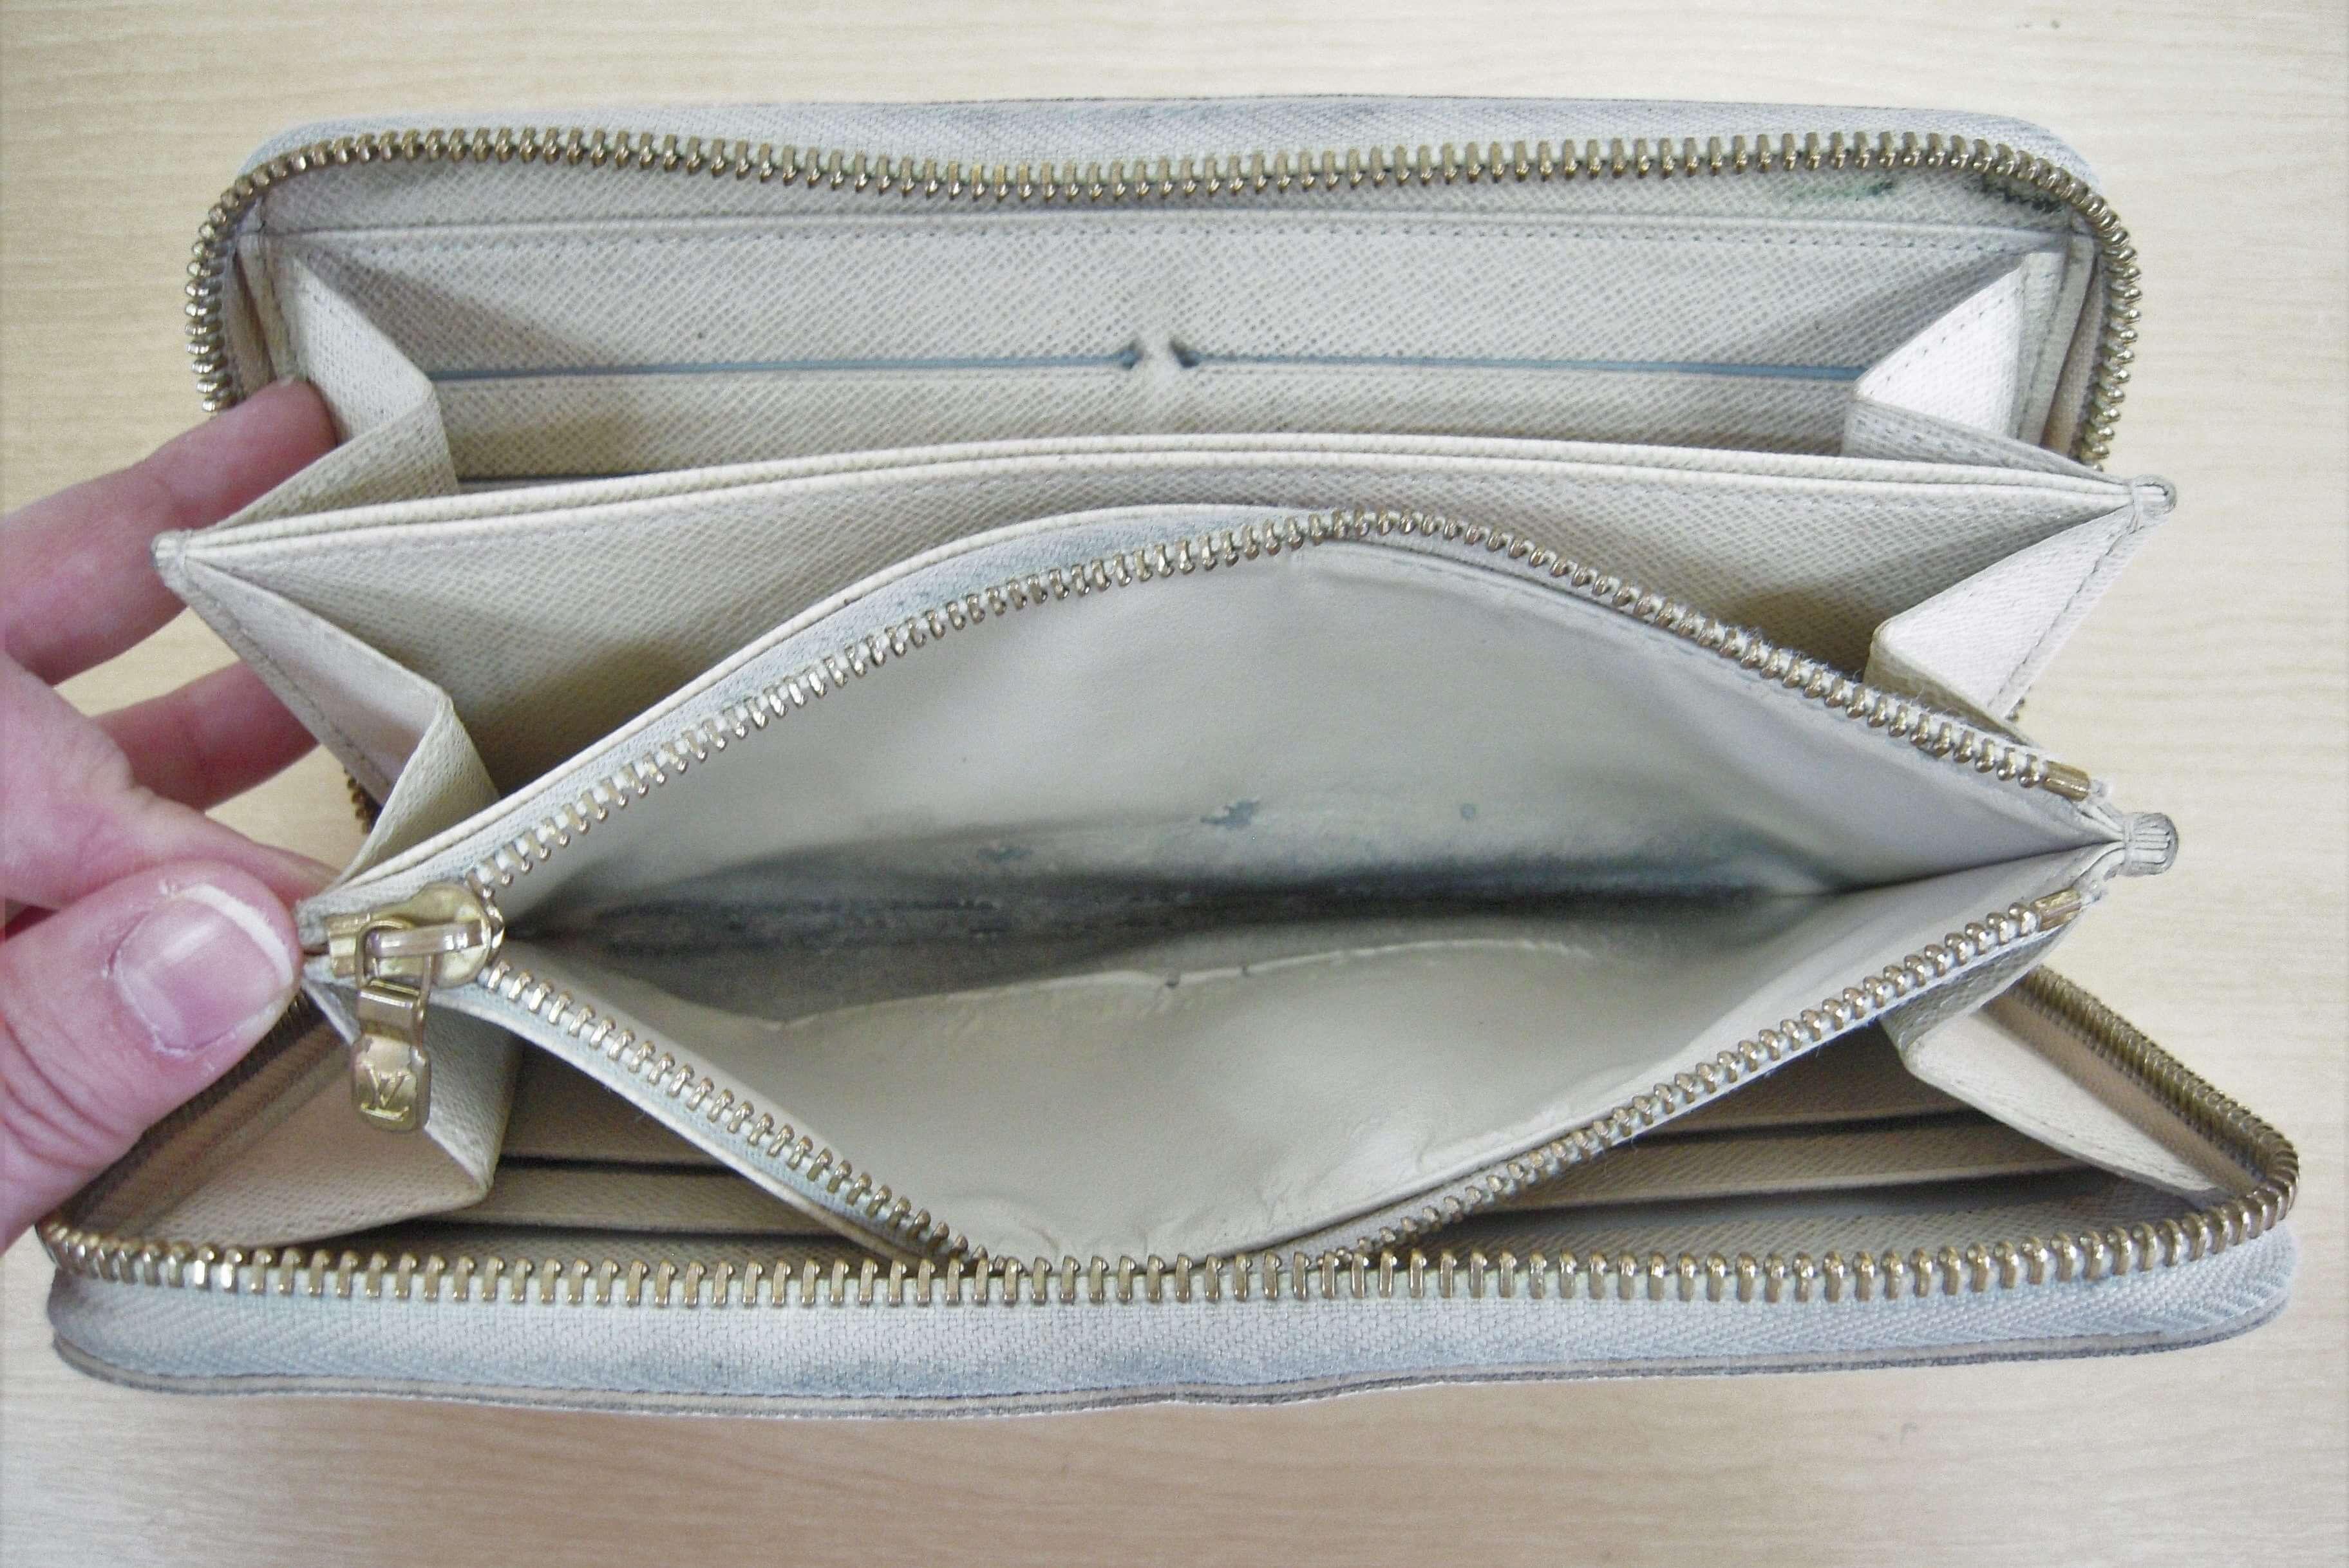 ルイヴィトン ジッピーウォレットの内側交換|<p>シャンタン生地で小銭入れ部分の内張り交換をしました。</p>